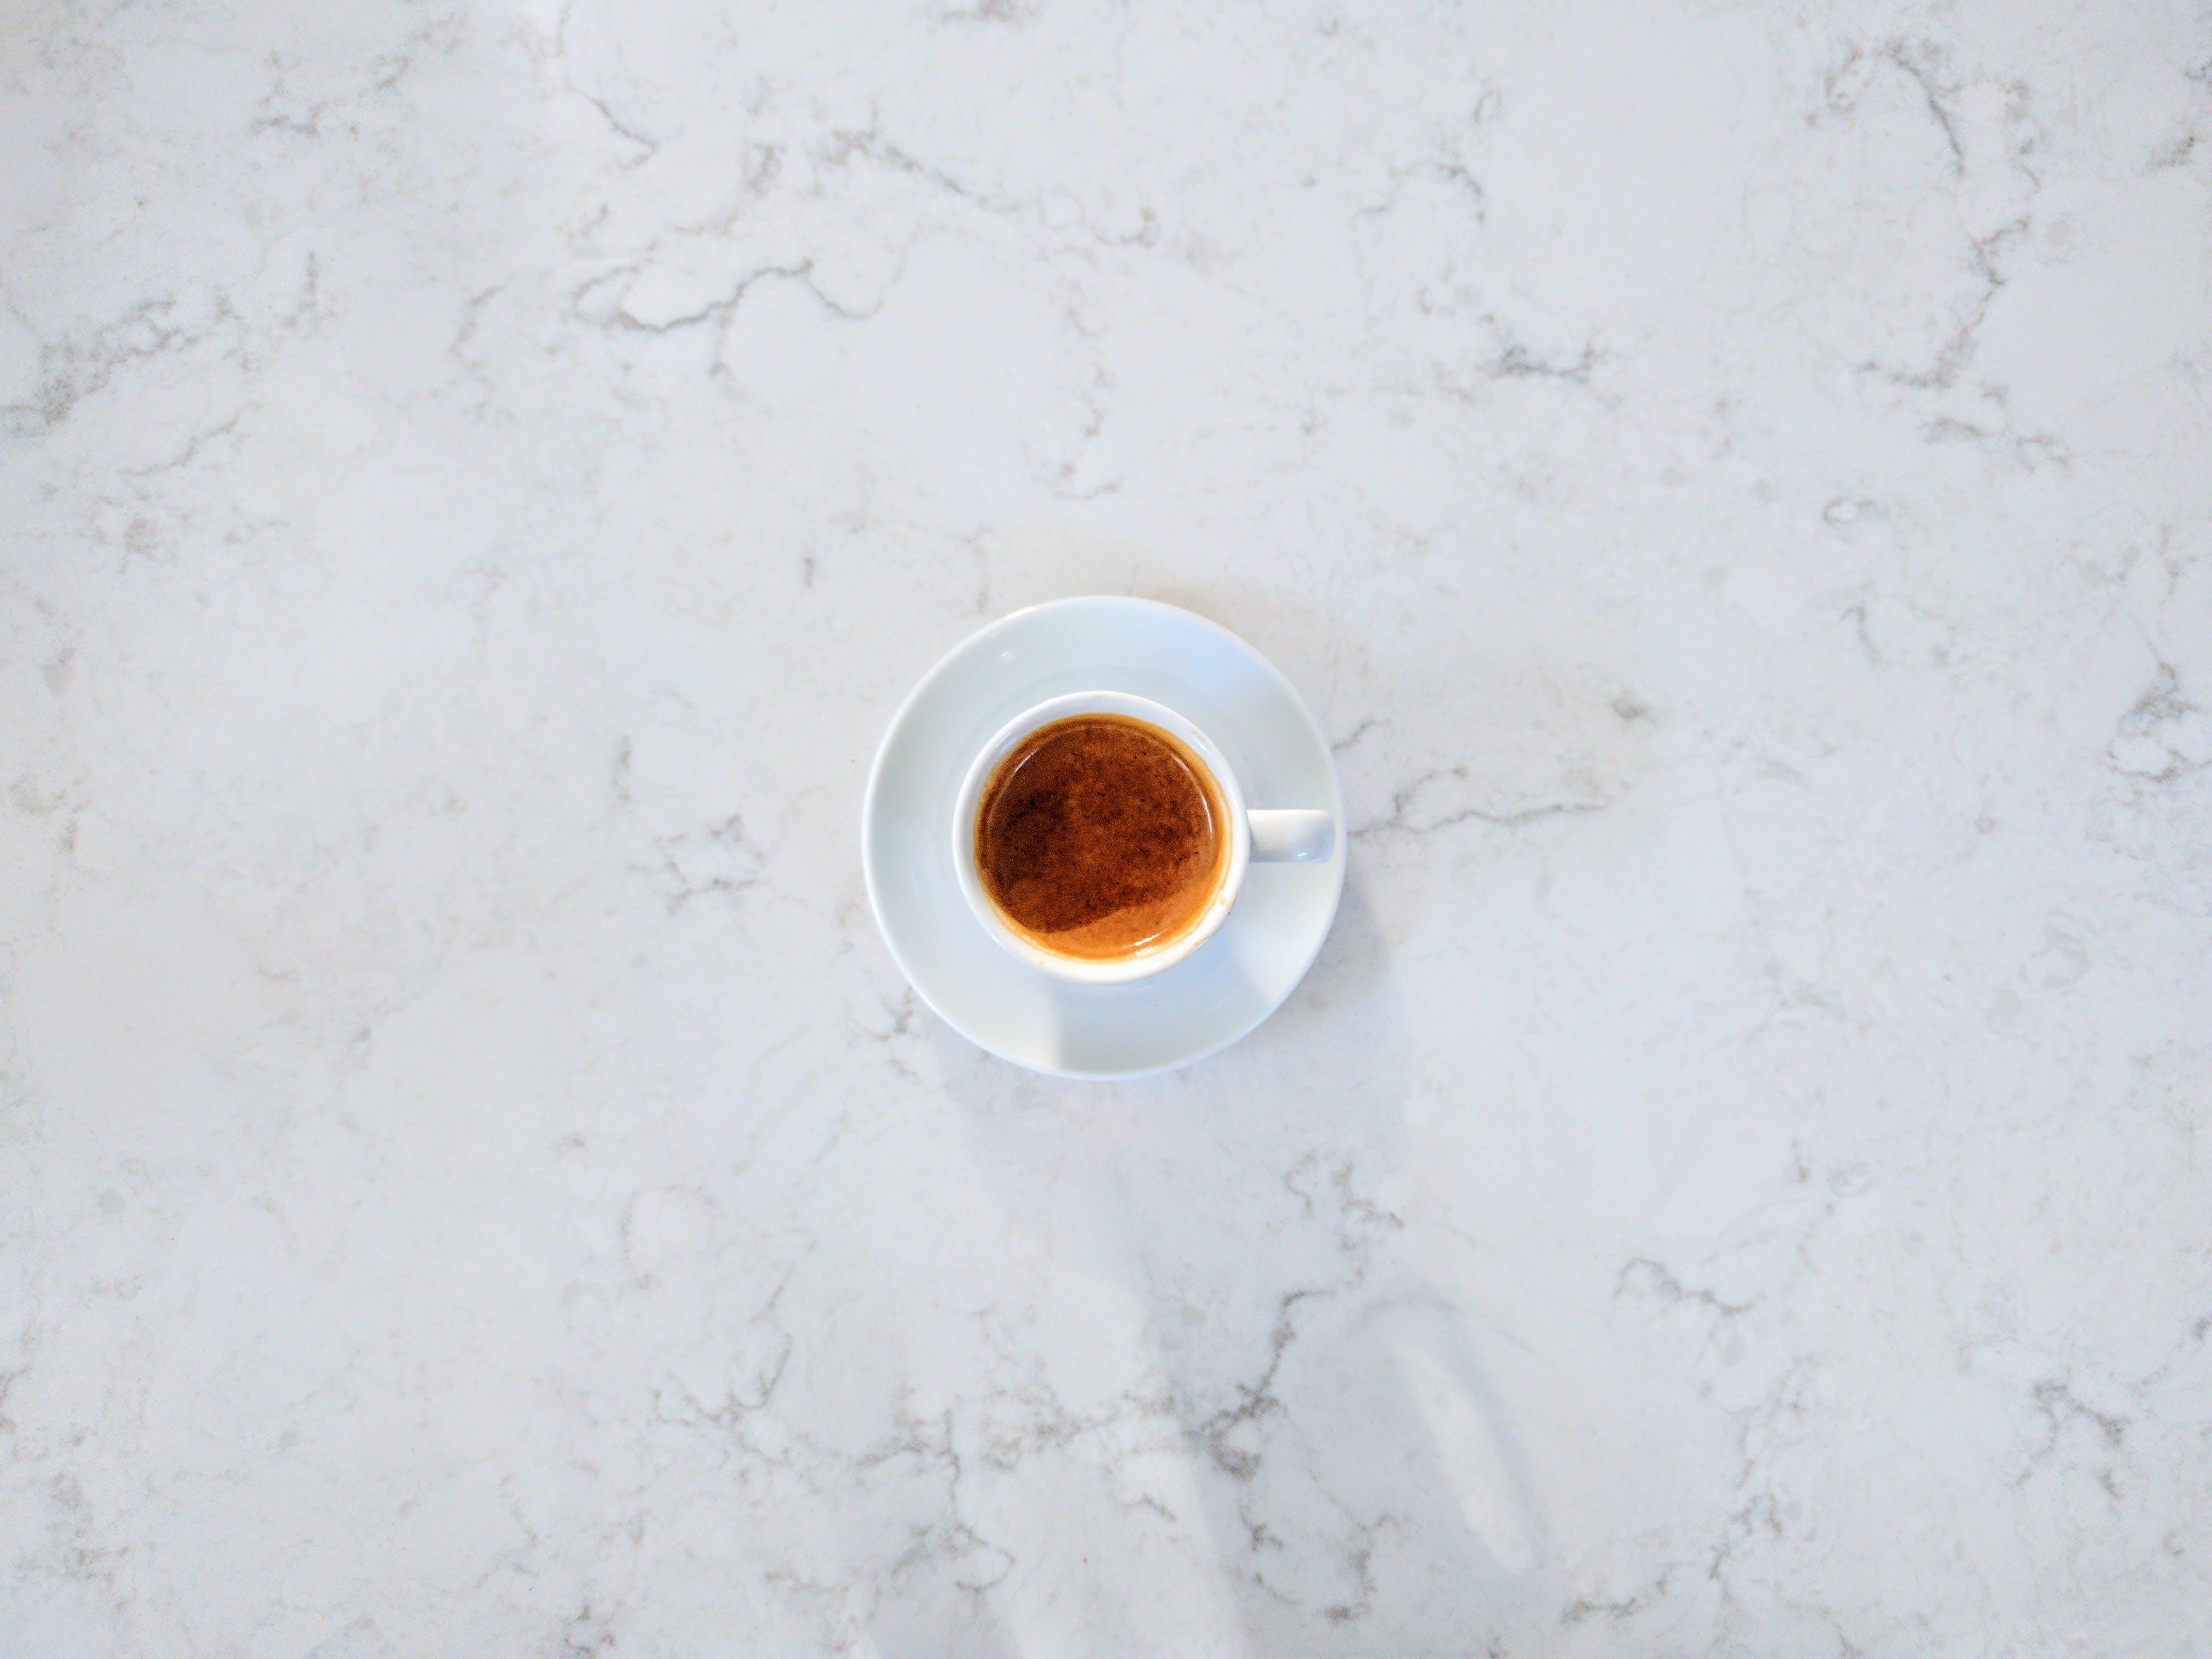 エスプレッソ, コーヒー, 影, 白の無料の写真素材